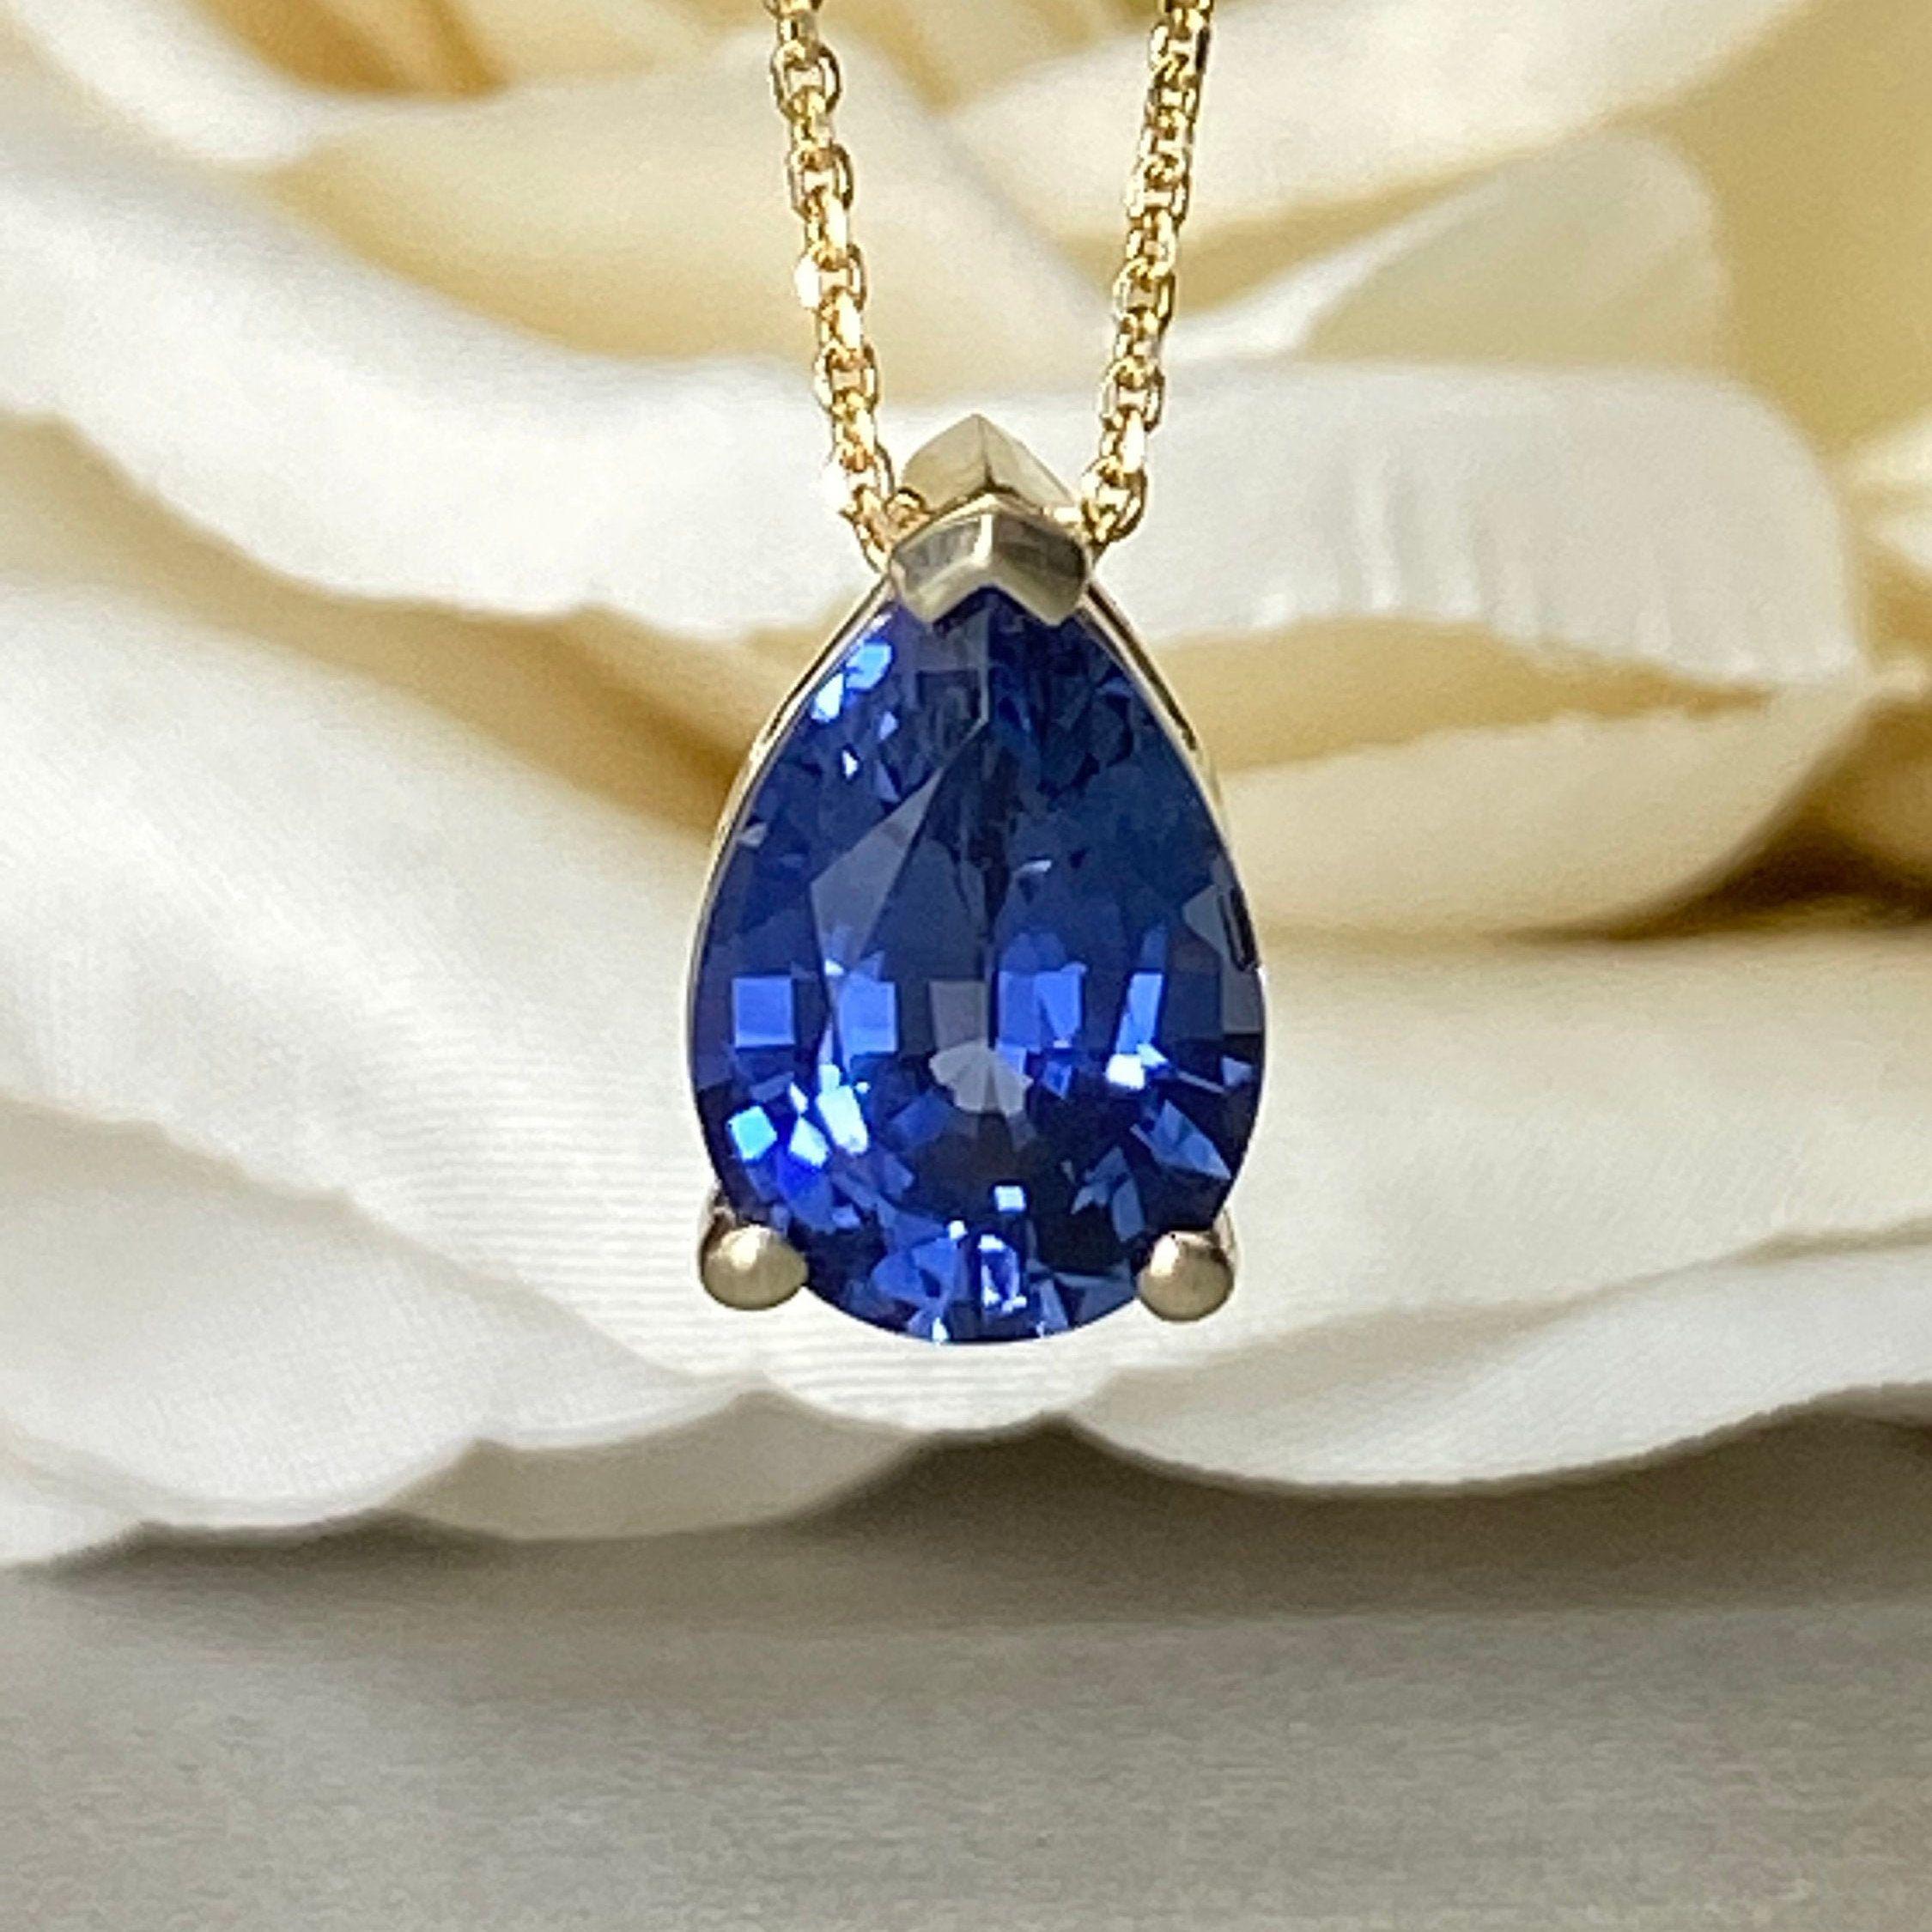 Pear Shape Blue Sapphire Pendant Necklace 14k Yellow Gold Etsy In 2020 Blue Sapphire Pendant Sapphire Necklace Pendants Sapphire Pendant